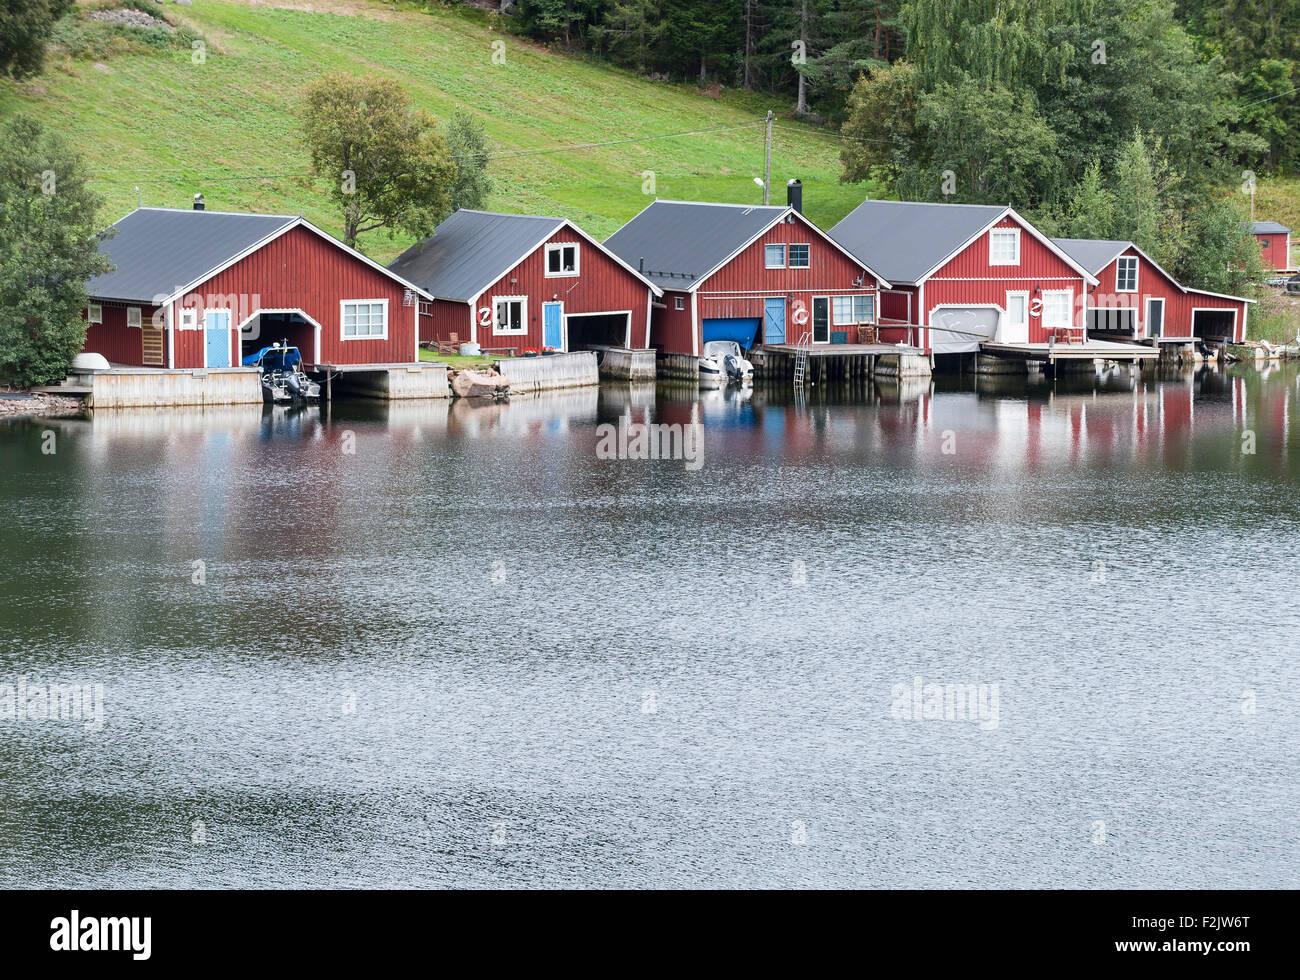 Fishing village - Stock Image